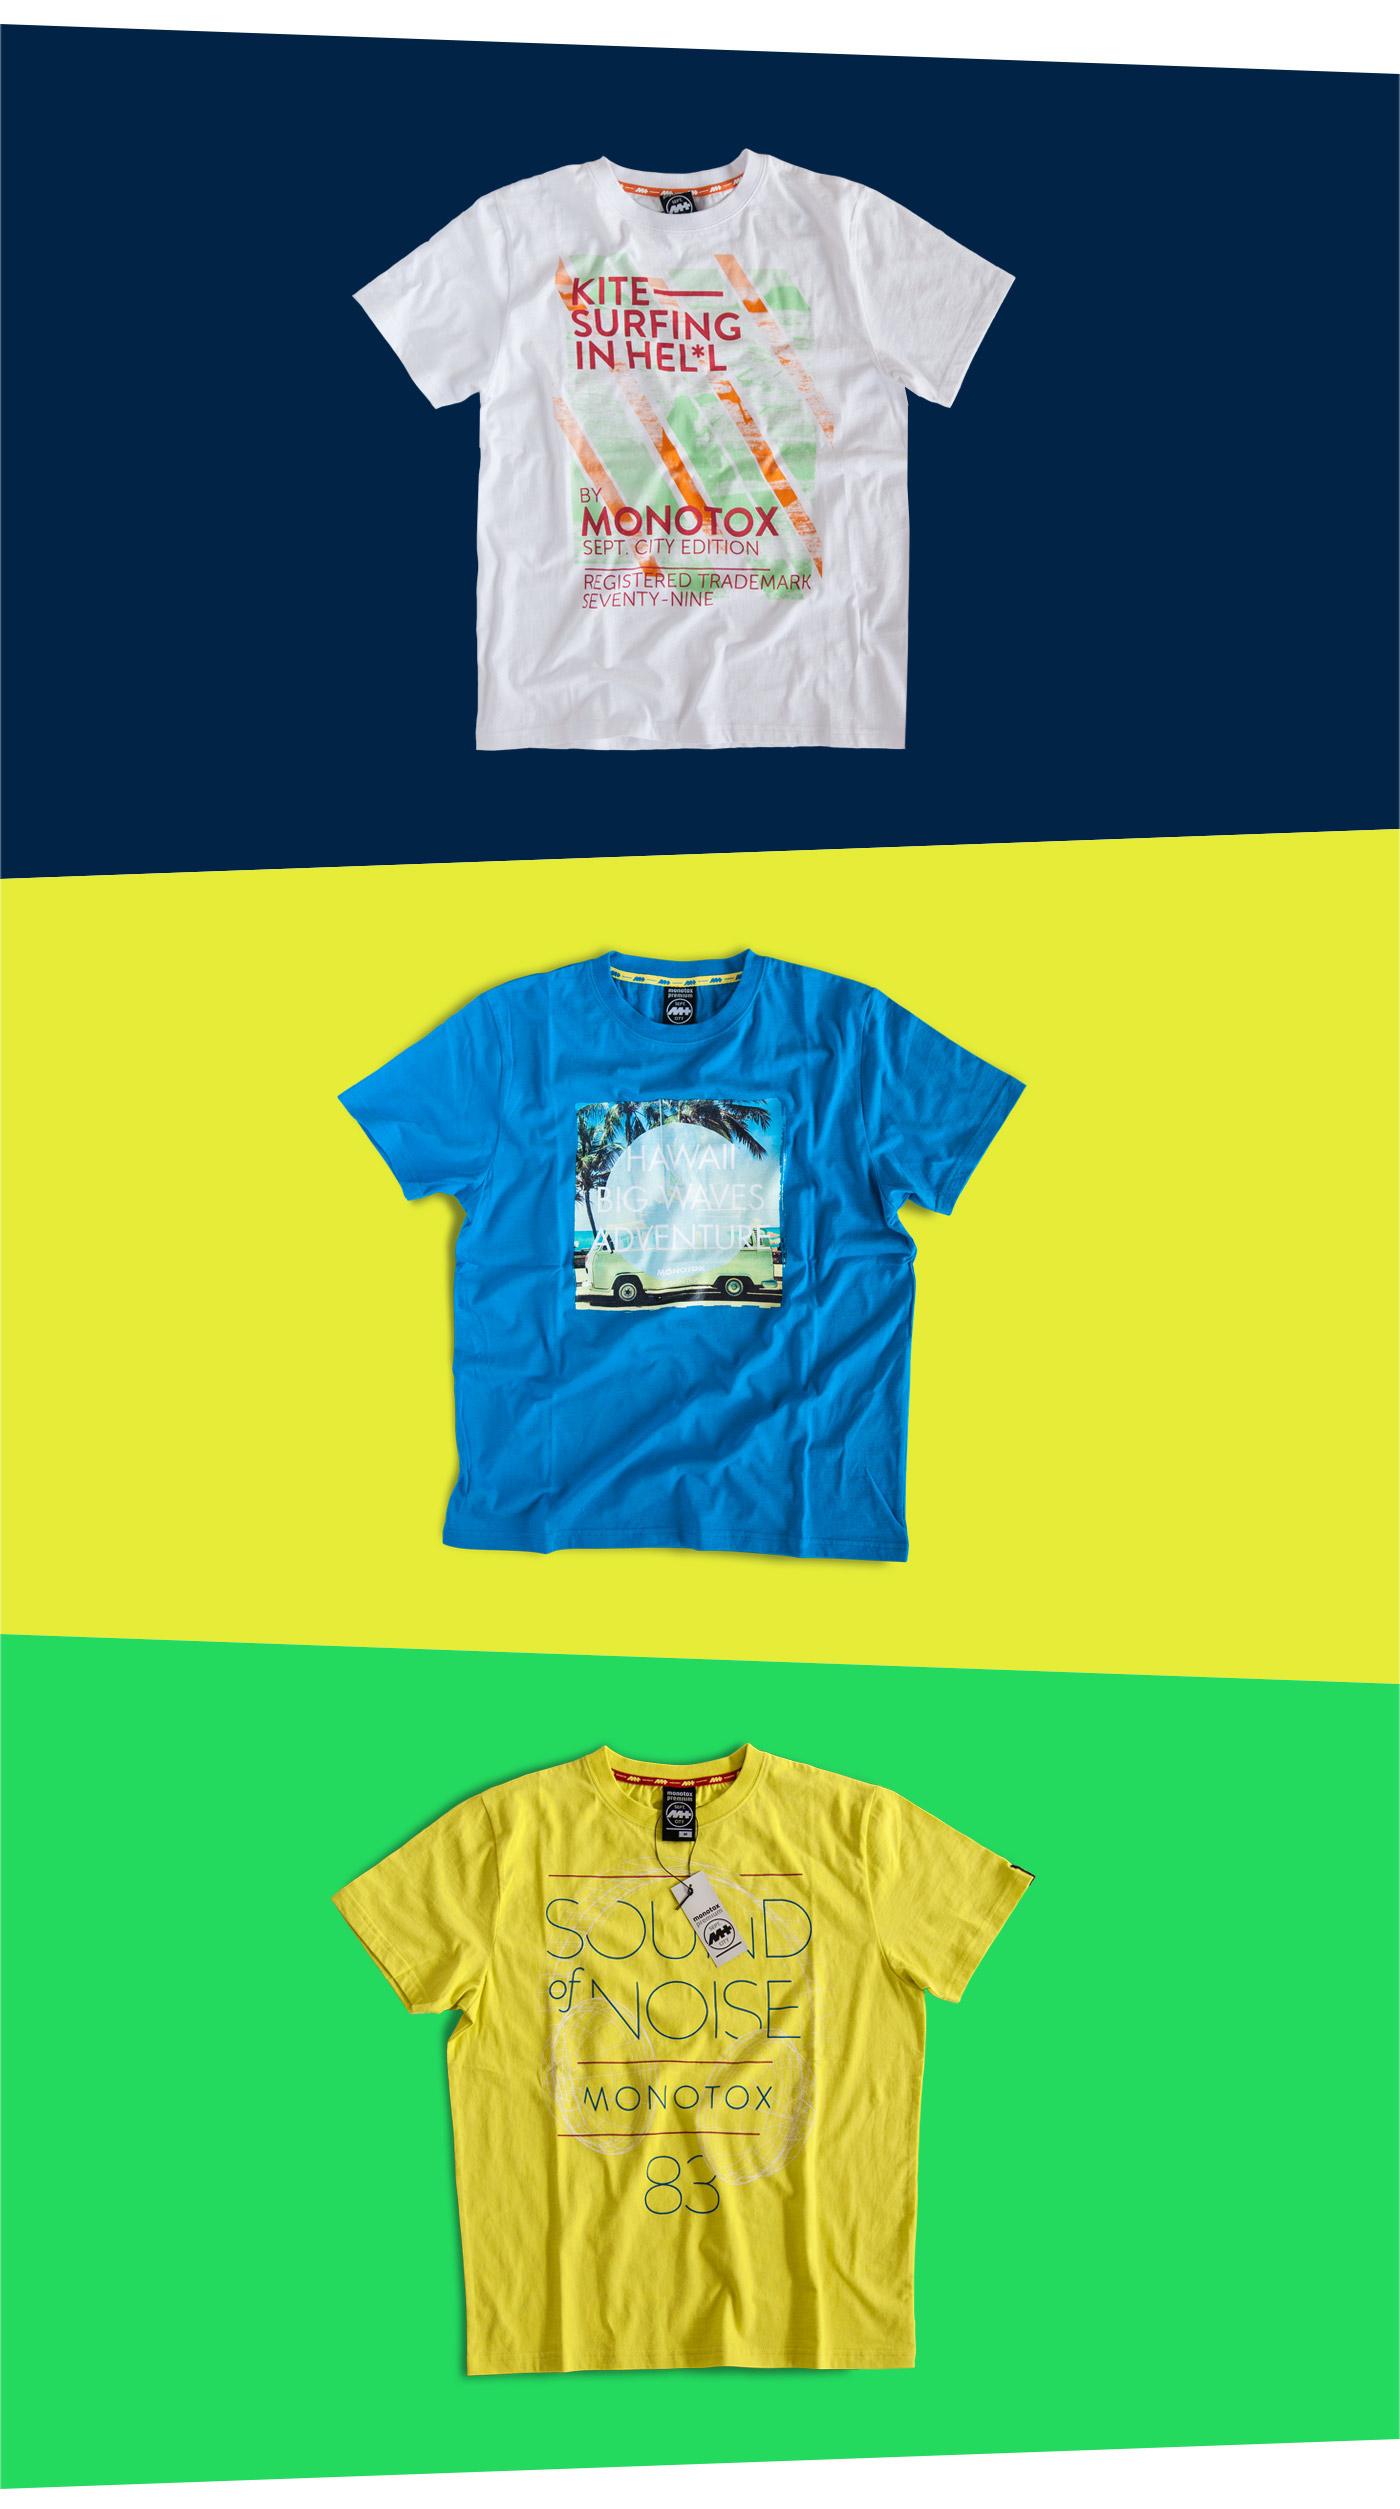 tshirts t-shirts graphics tee tshirt t-shirt athletic design original tshirts Surf Boxing cassette Racing palms skull